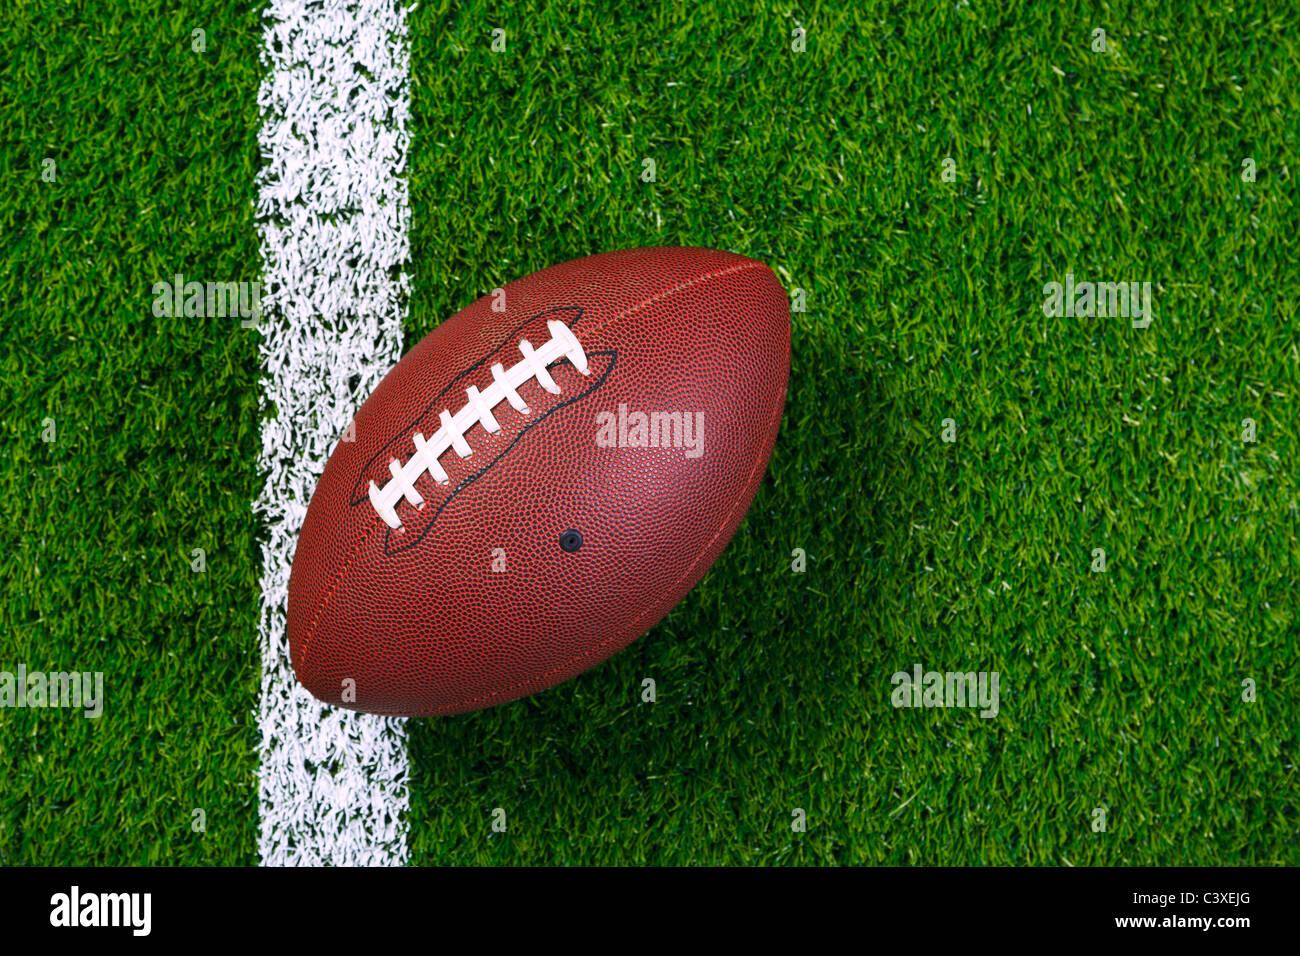 Foto di un american football su un prato accanto al perimetro, ripresa dall'alto. Immagini Stock